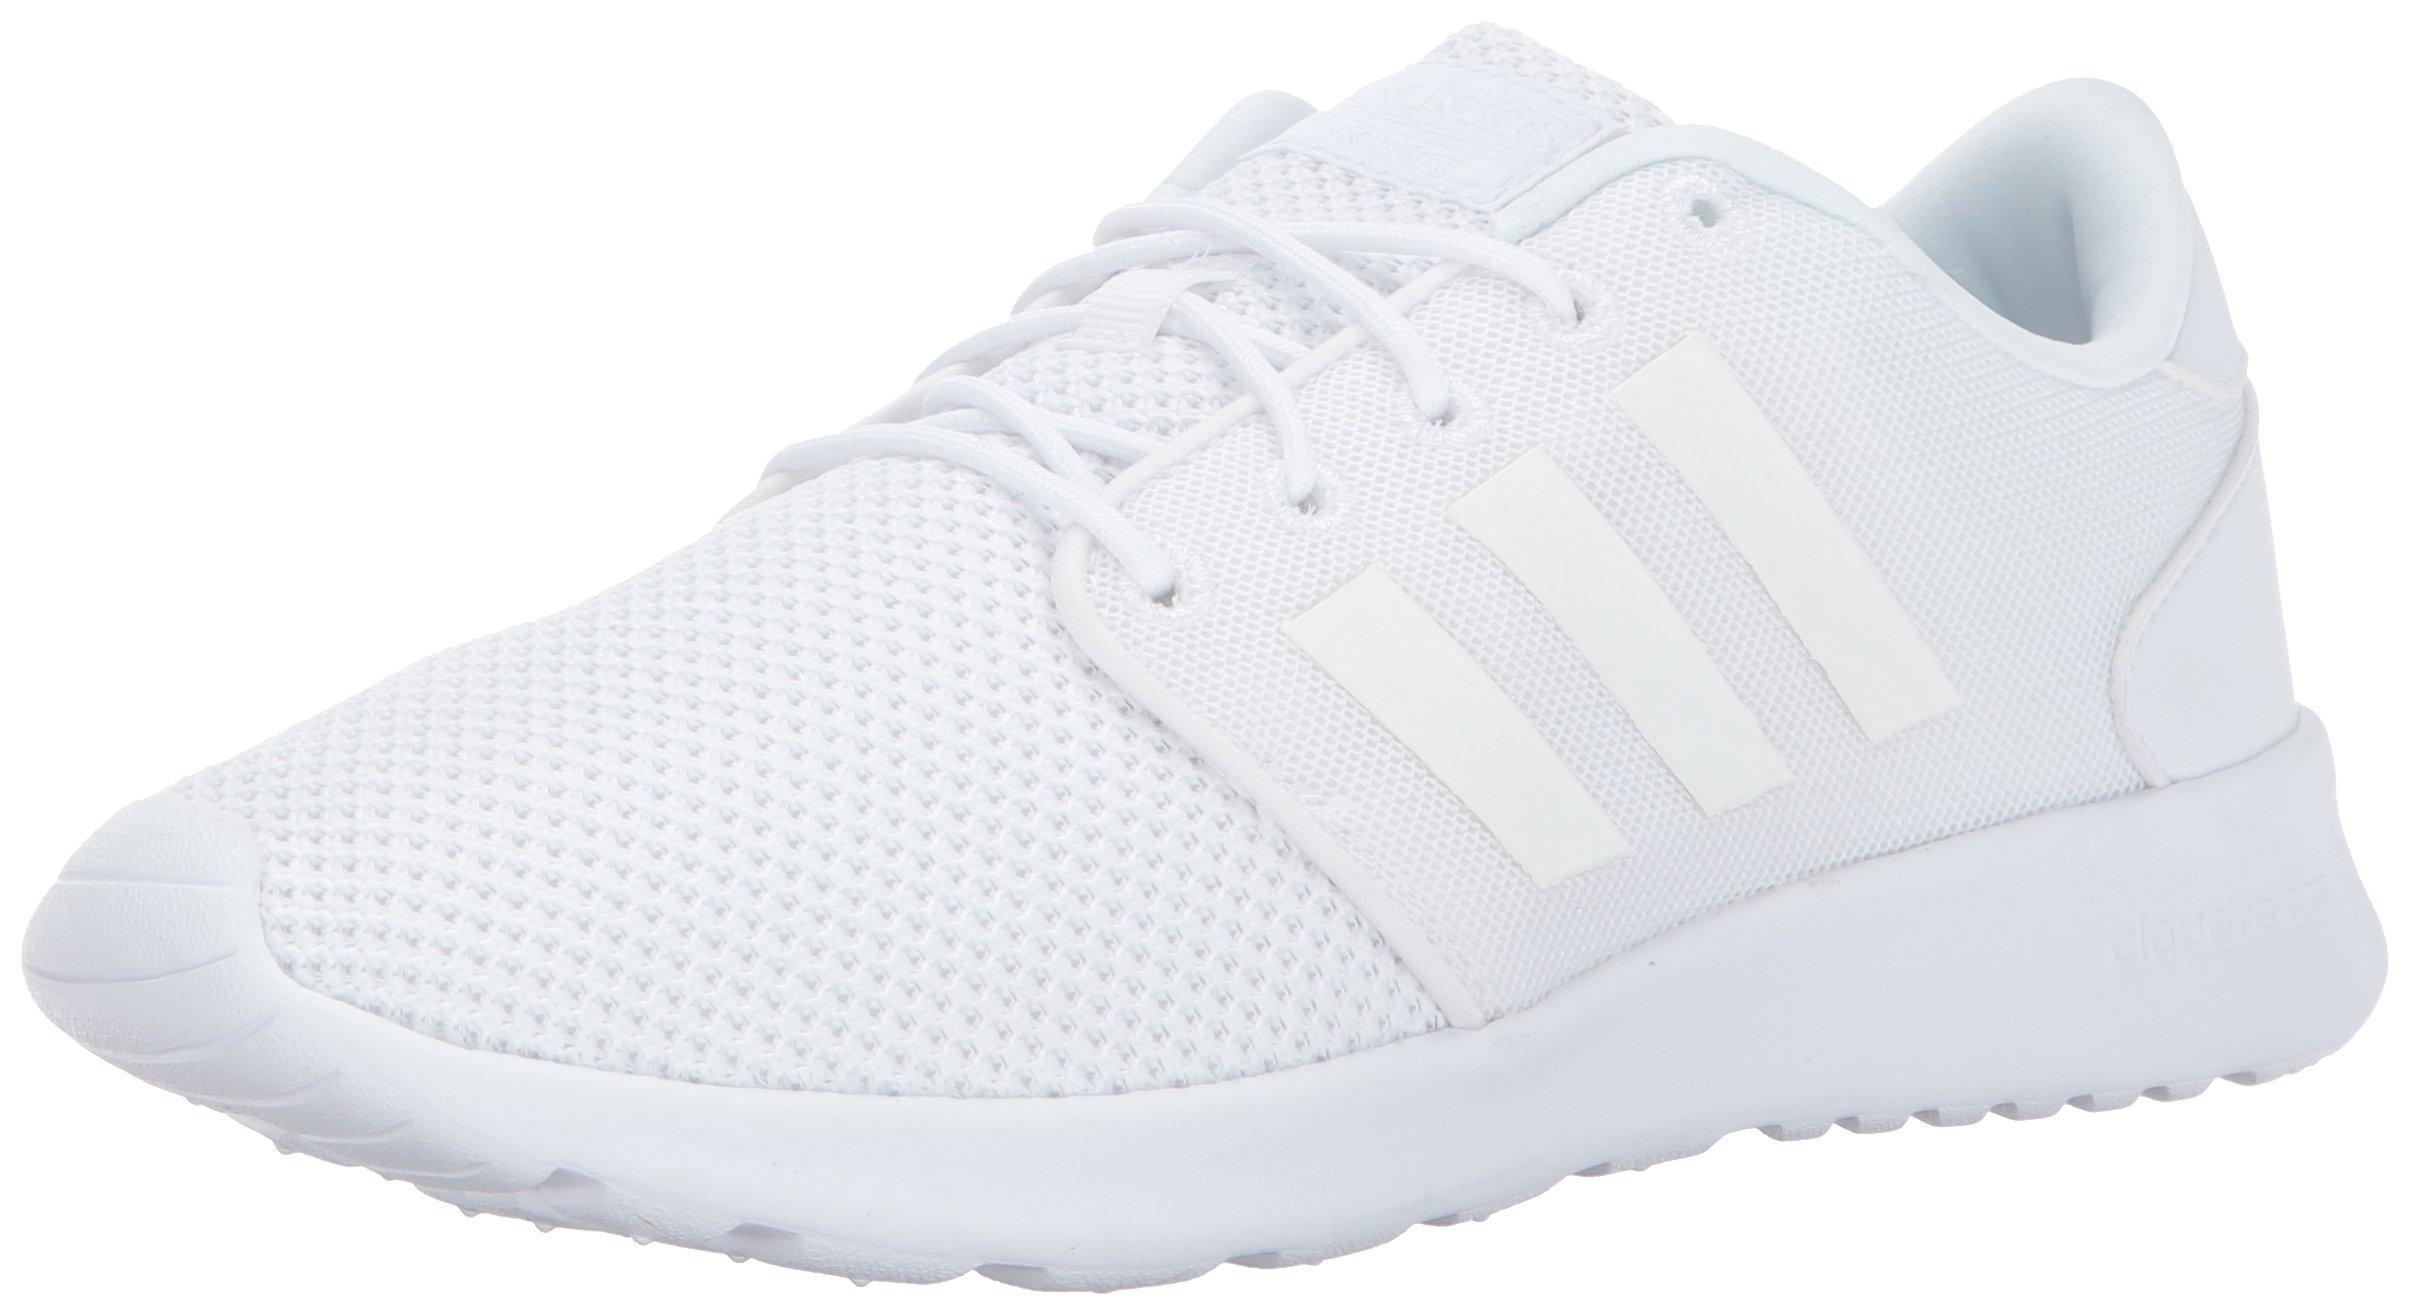 adidas Women's Cloudfoam QT Racer Running Shoe, Triple White, 8 M US